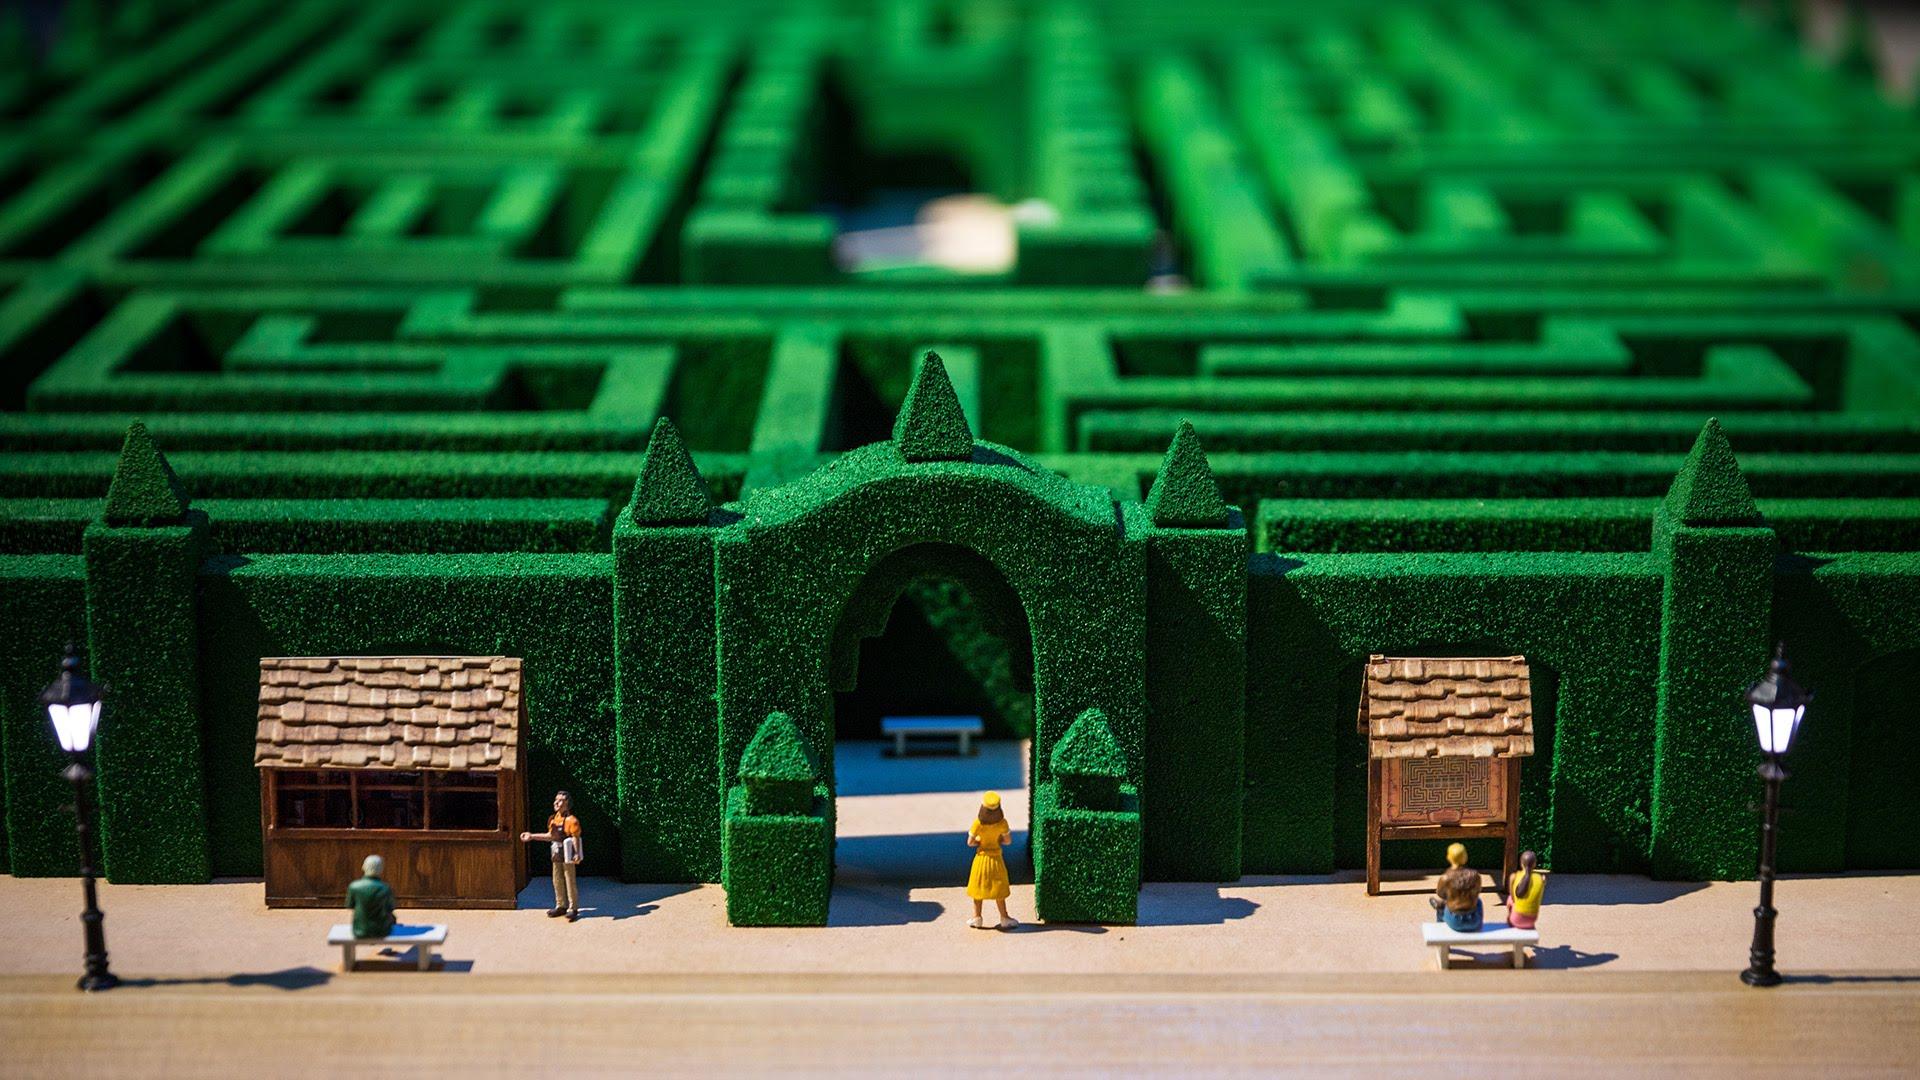 Il labirinto dell'Overlook Hotel